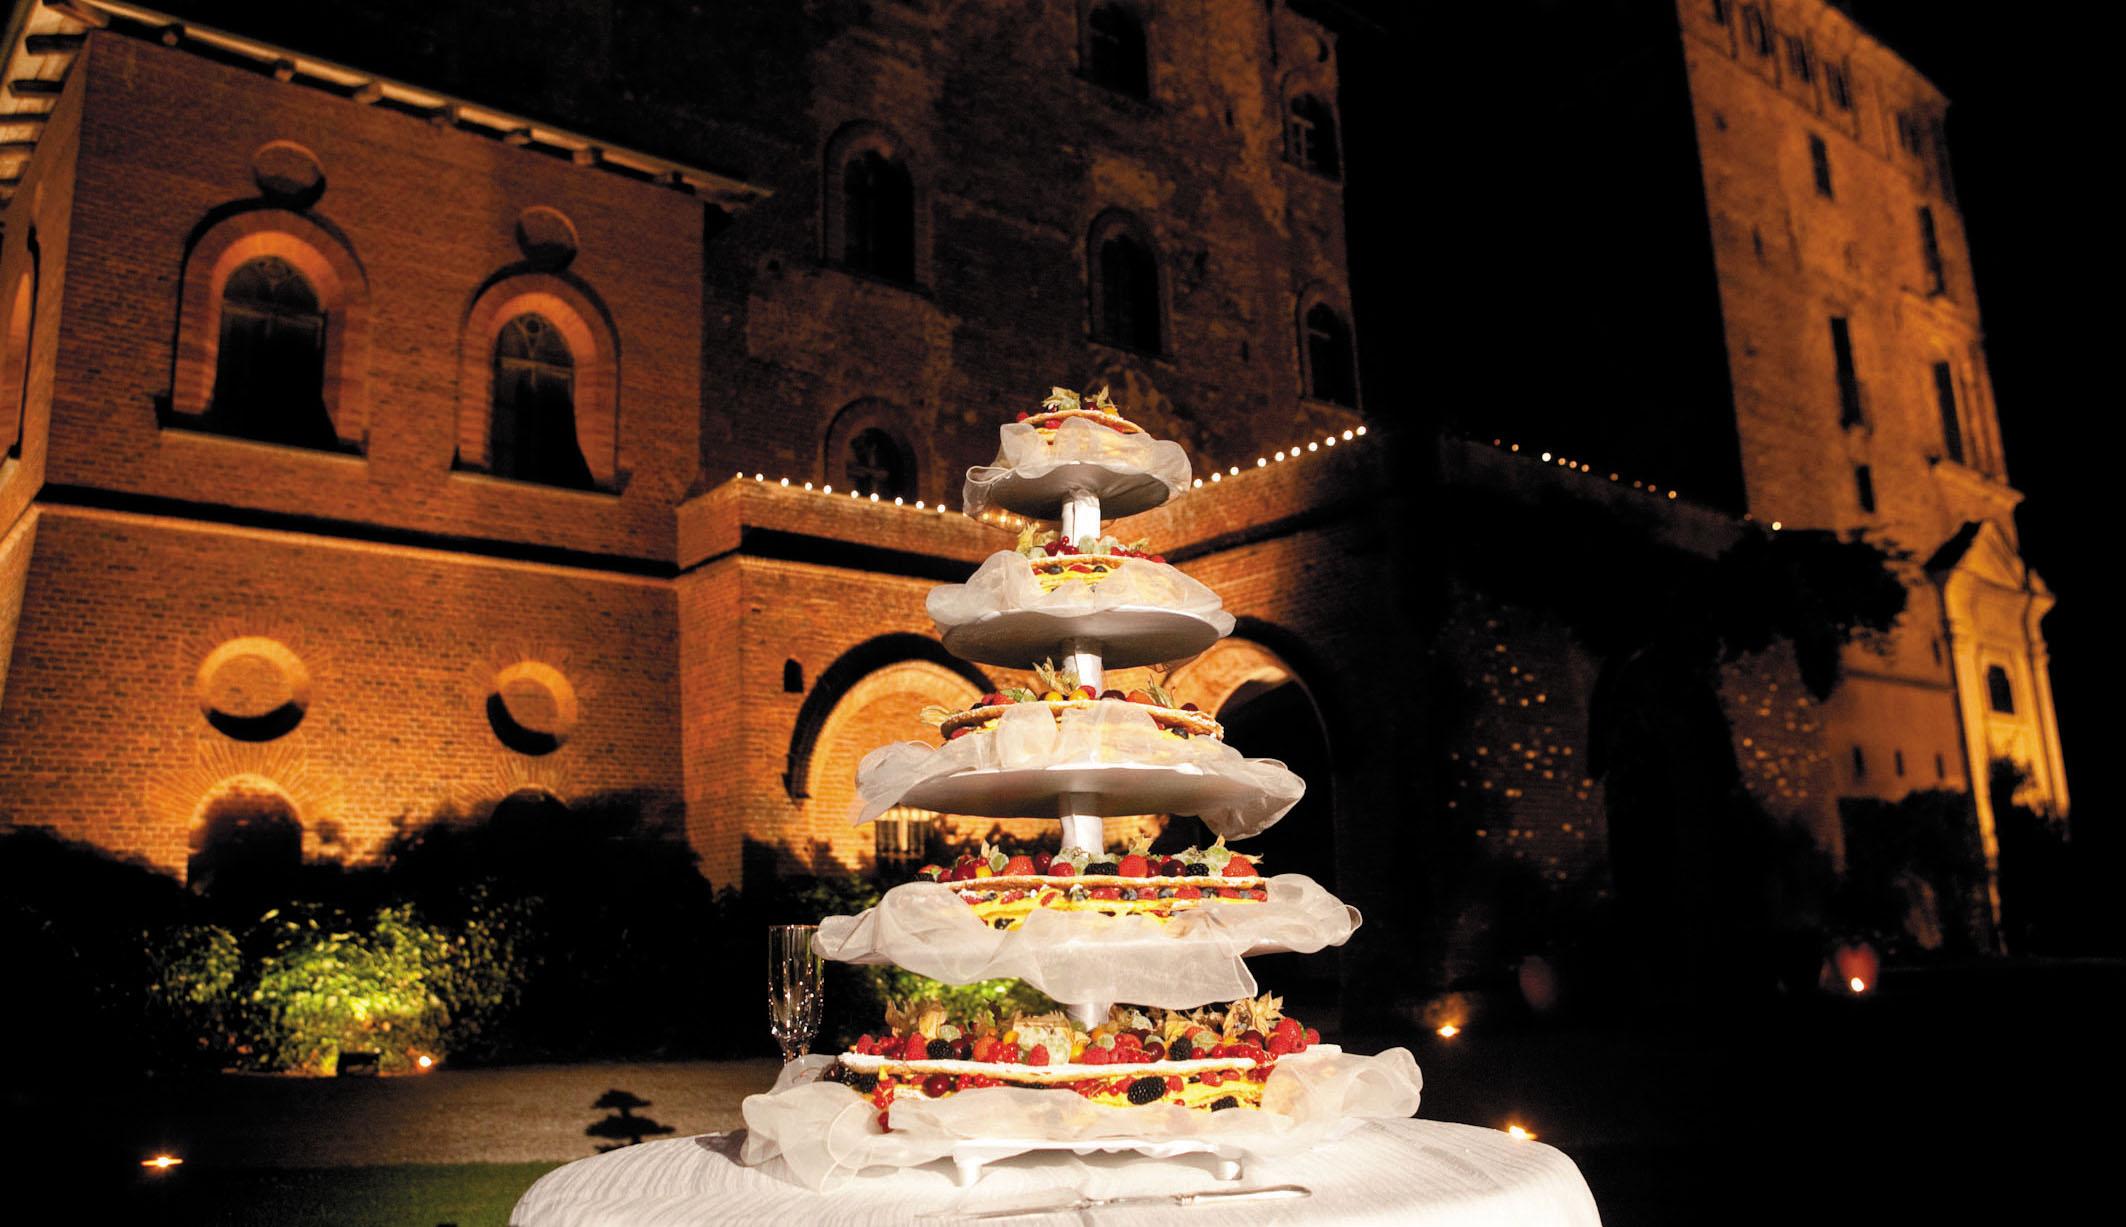 taglio della torta nei giardini - Castello di Pralormo_location per matrimoni, Catering per matrimoni Bon Ton di Pietrini